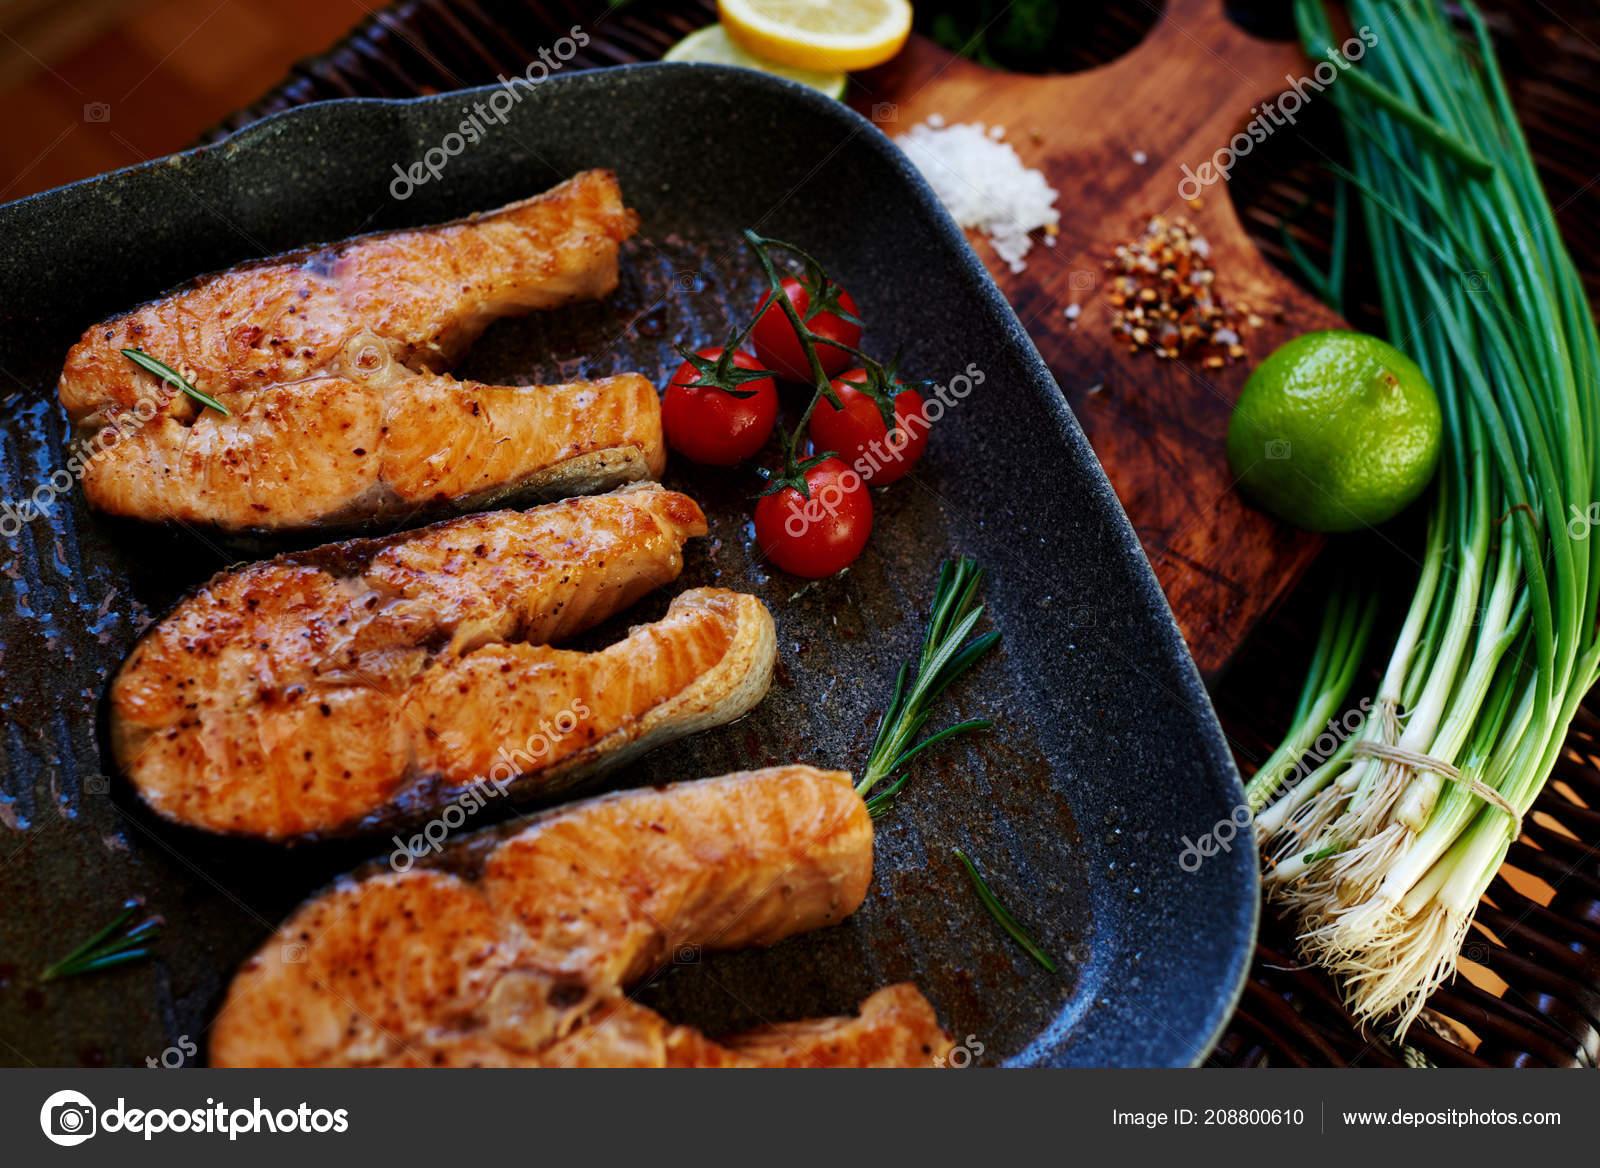 Frau Wartet Auf Gäste Kochen Abendessen Lachs Steaks Fisch Steaks